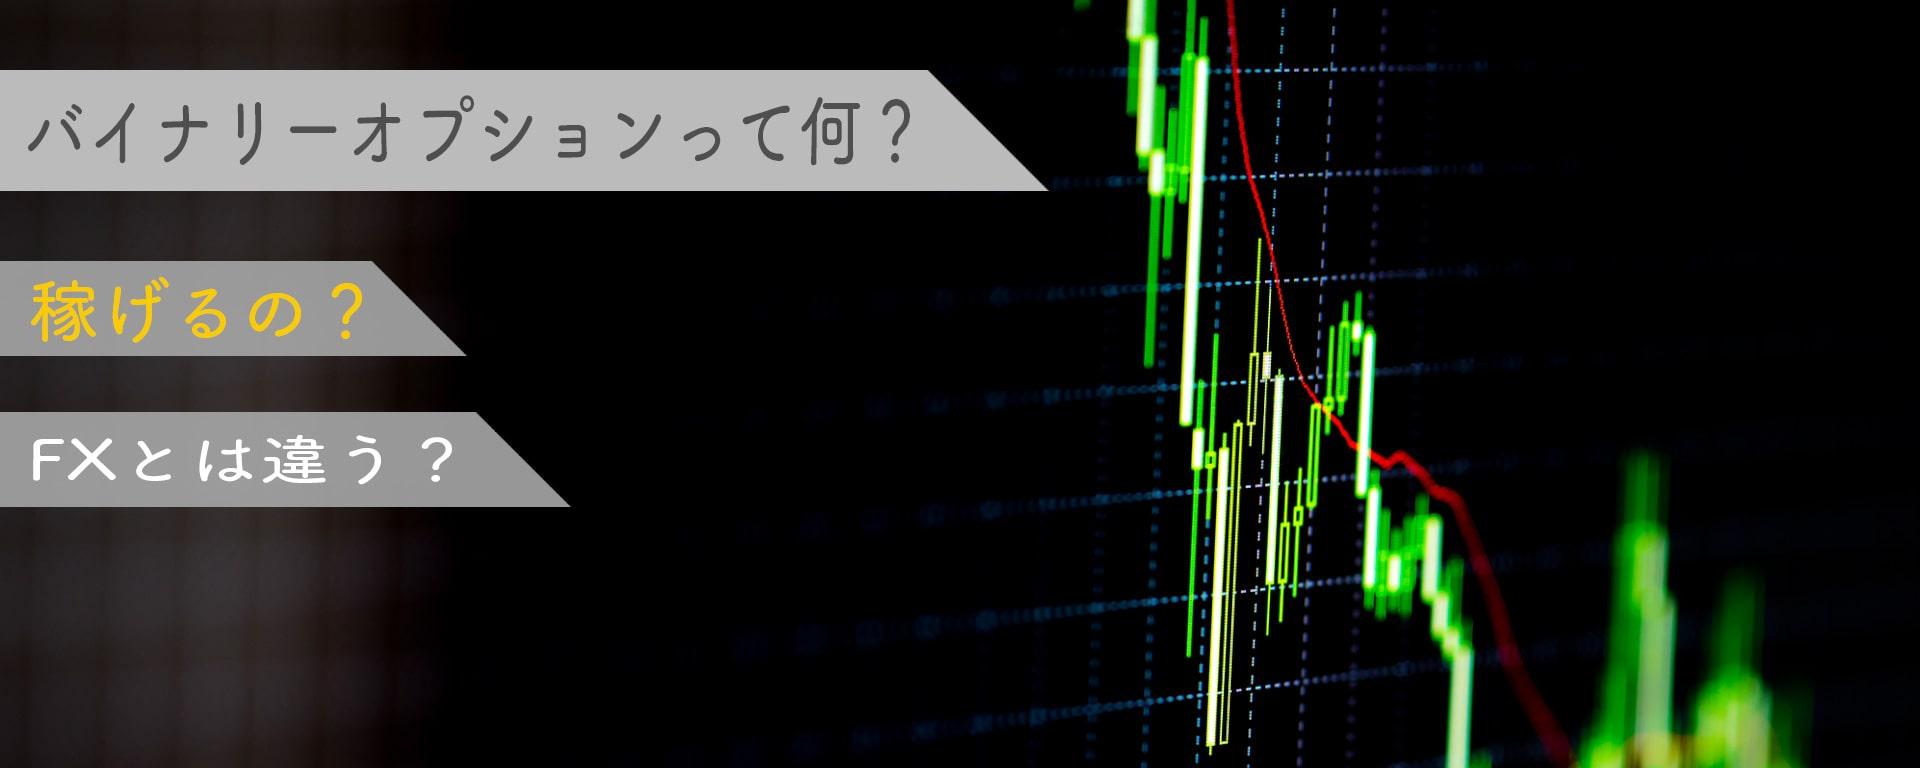 バイナリーオプションとは?リスクやデメリットは?FXとは違うの?